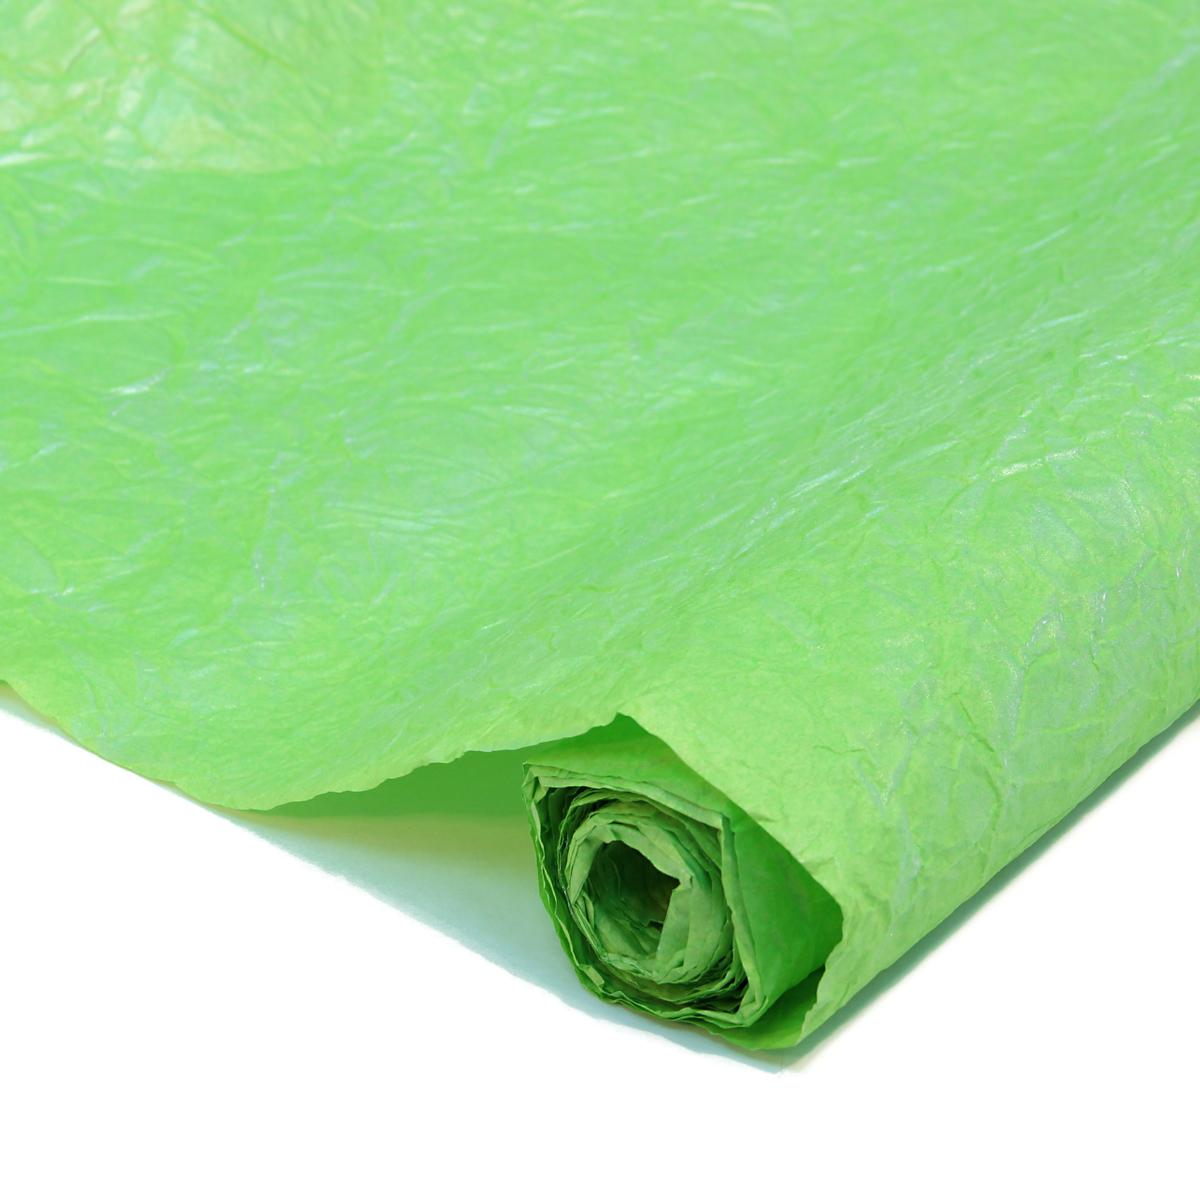 Бумага упаковочная Veld-Co Эколюкc, цвет: салатовый, серебристый, 70 см х 5 м44079Бумага Veld-Co Эколюкc - это универсальный материал дляупаковки подарков и оформления букетов. Она достаточноплотная и в тоже время пластичная. Благодаря органичнойфактуре, великолепно ложится и на нестандартные формы(круглые, овальные). Эта бумага хорошо комбинируется с другими материалами. Её можноиспользовать в качестве декоративных элементов. К ней легко подобратьаксессуары - подойдут натуральные шнуры, рафия, ленты (репсовая,шёлковая, хлопковая). Благодаря этому материалу - мастер выполнитлюбую задачу, поставленную перед ним. Ко всему прочему- бумагу в рулоне удобнее хранить, использовать,транспортировать.